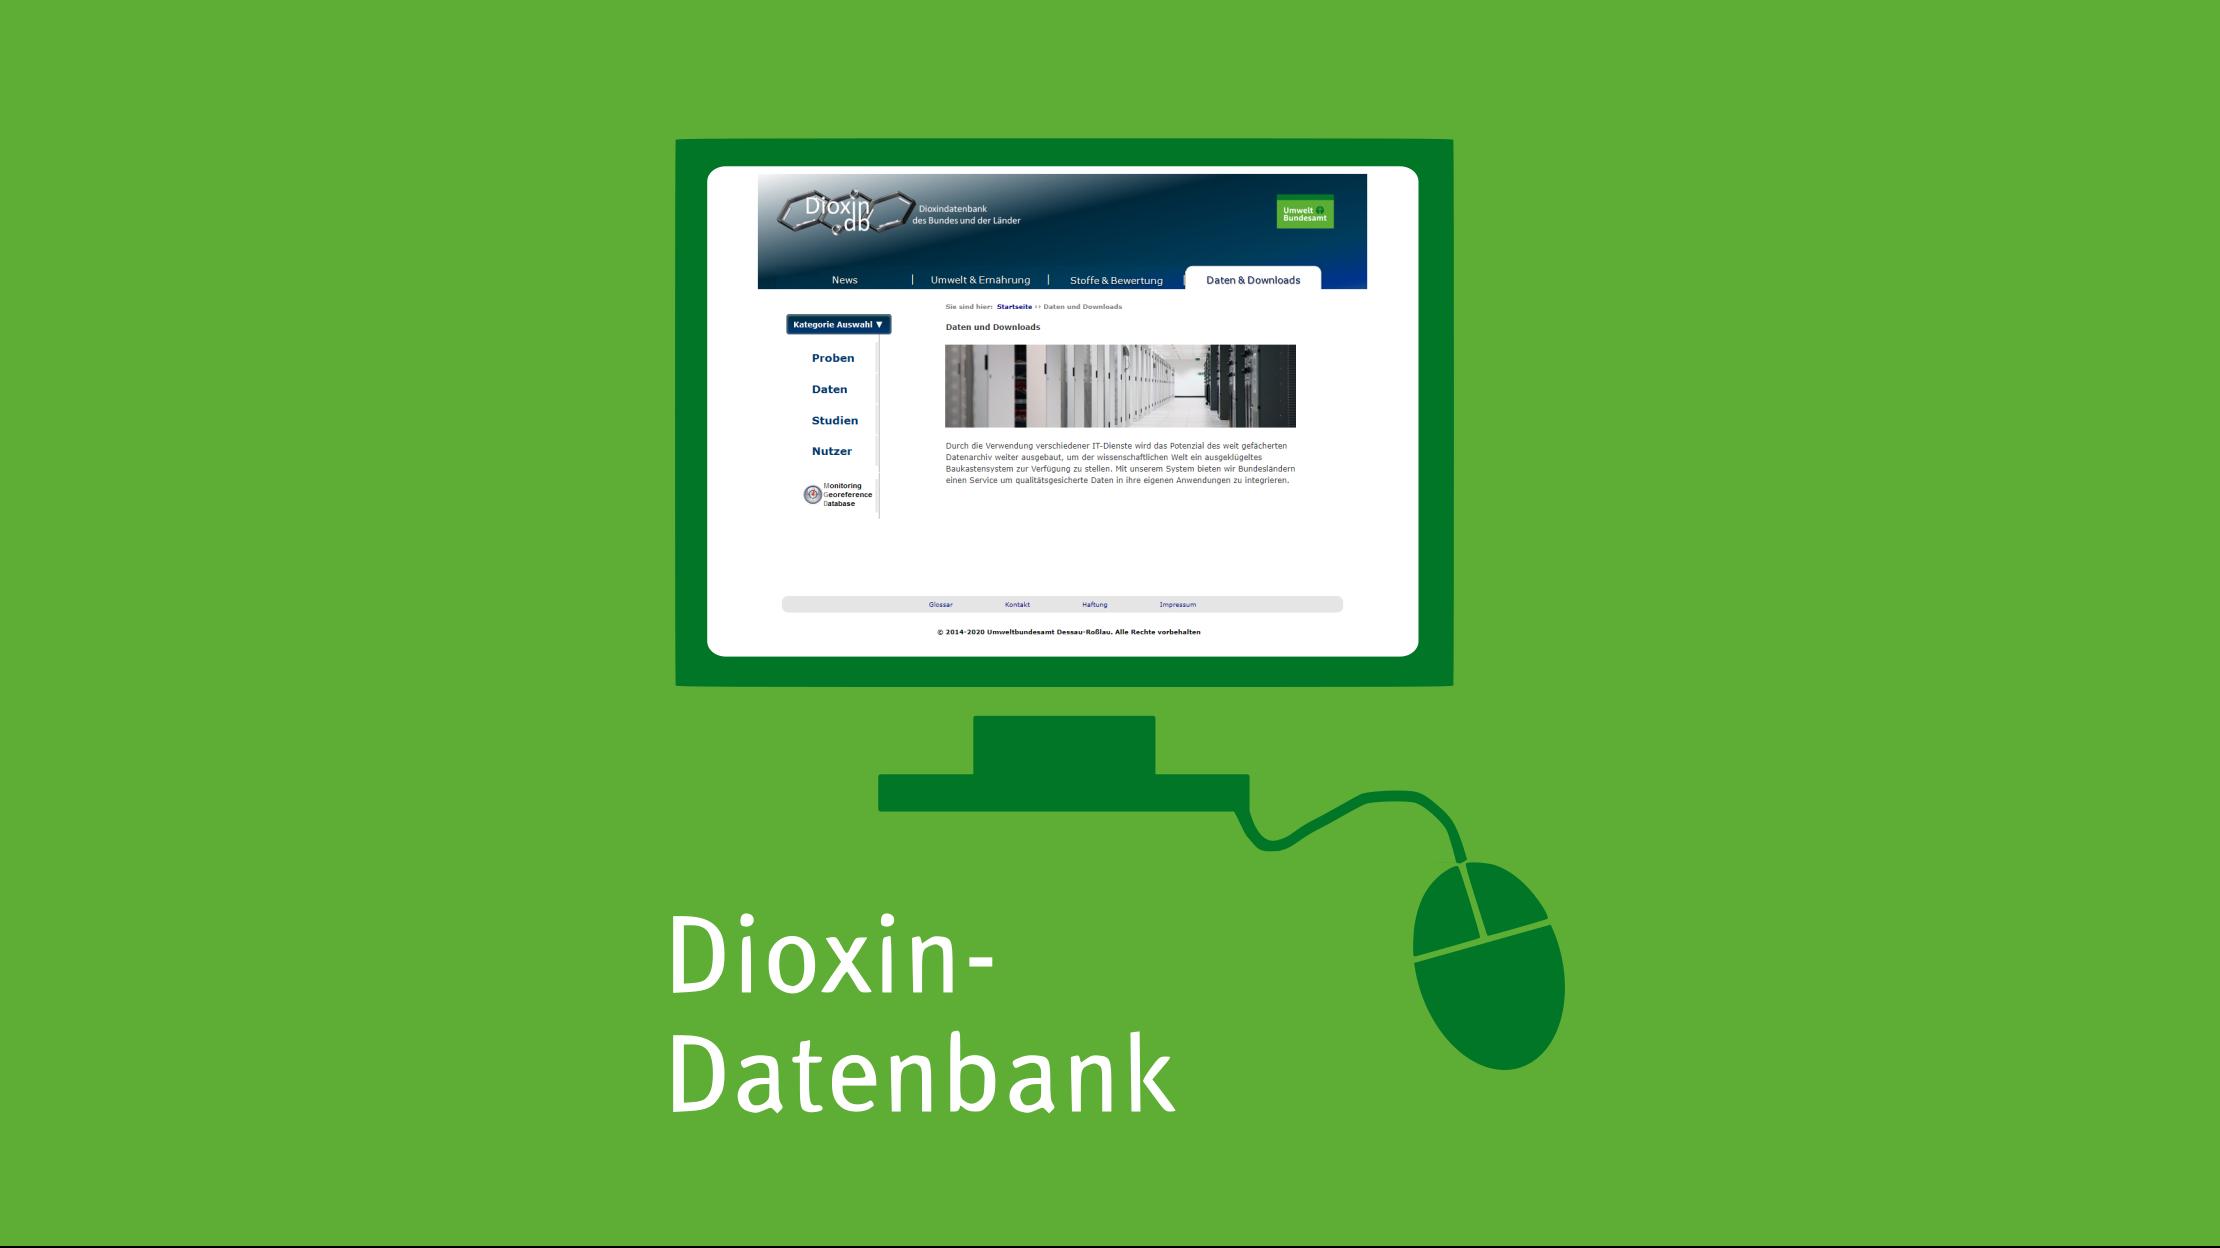 Mit Klick aufs Bild gelangen Sie zur verlinkten Dioxin-Datenbank-Website.